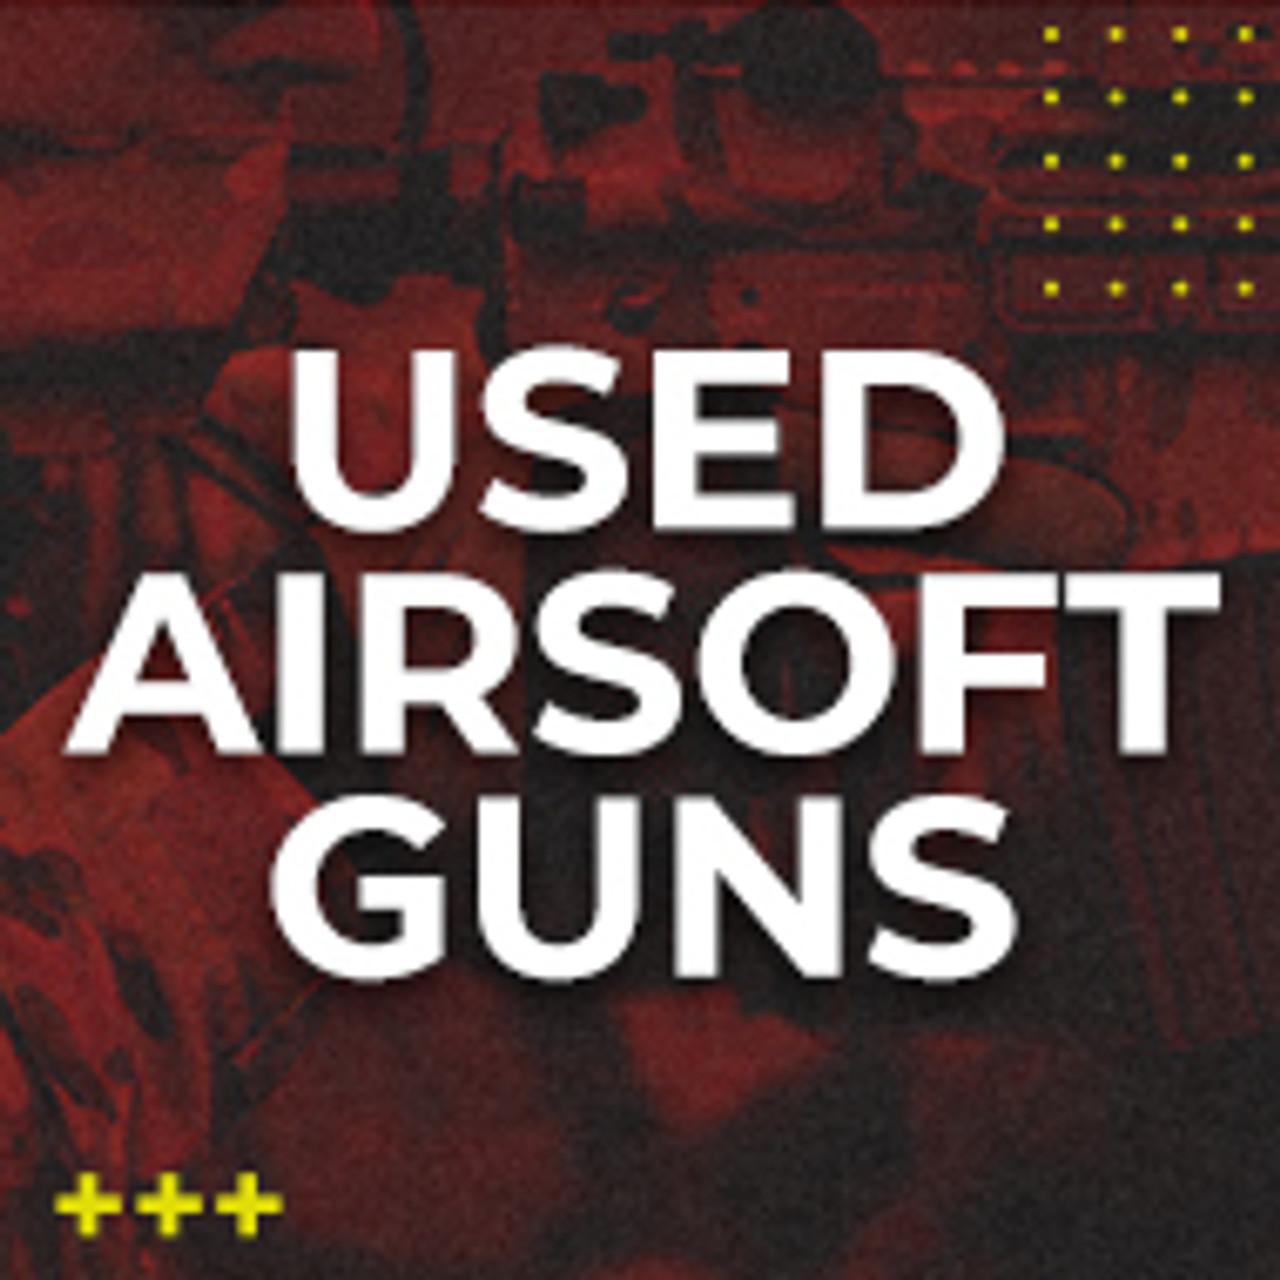 Used Airsoft Guns